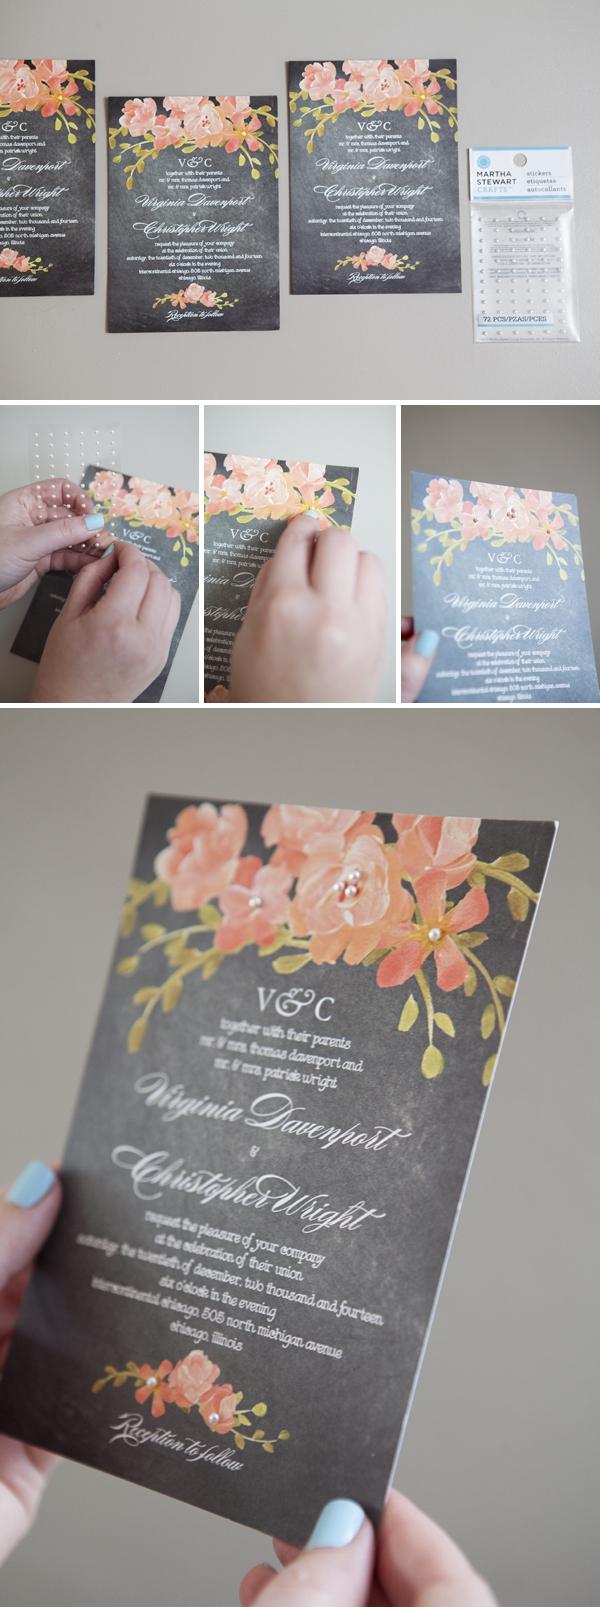 ST-DIY-Wedding-Paper-Divas-DIY-wedding_invitations_0003.jpg